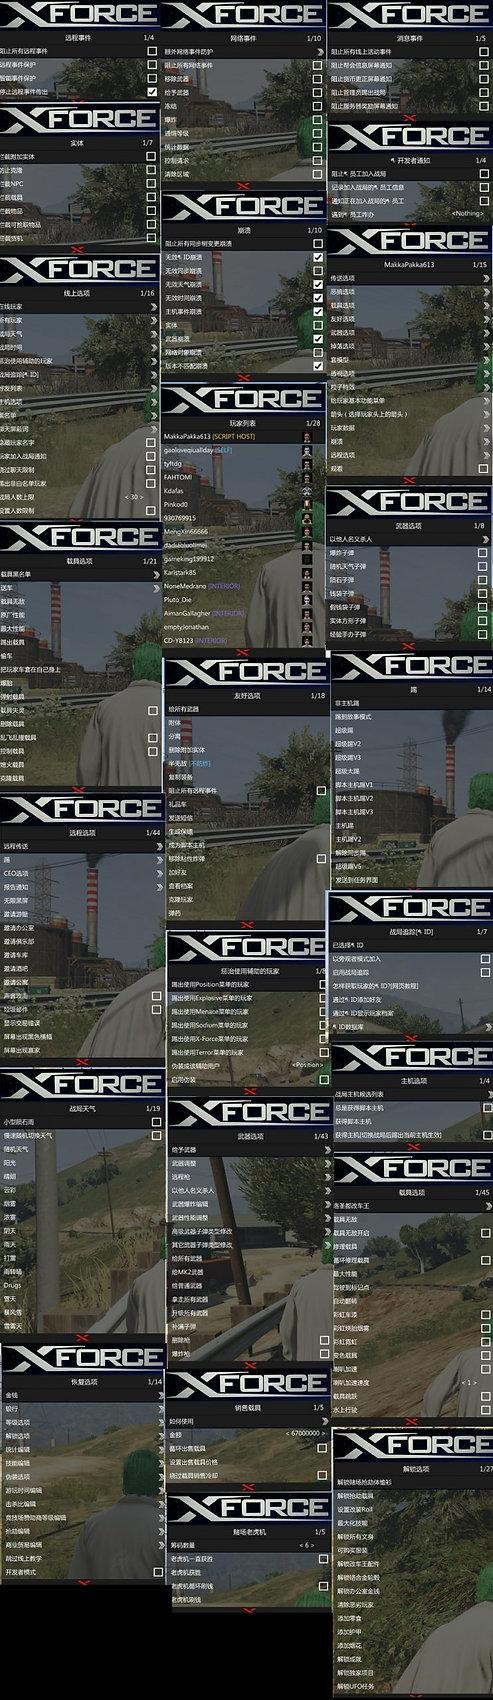 xf-menu002.jpg